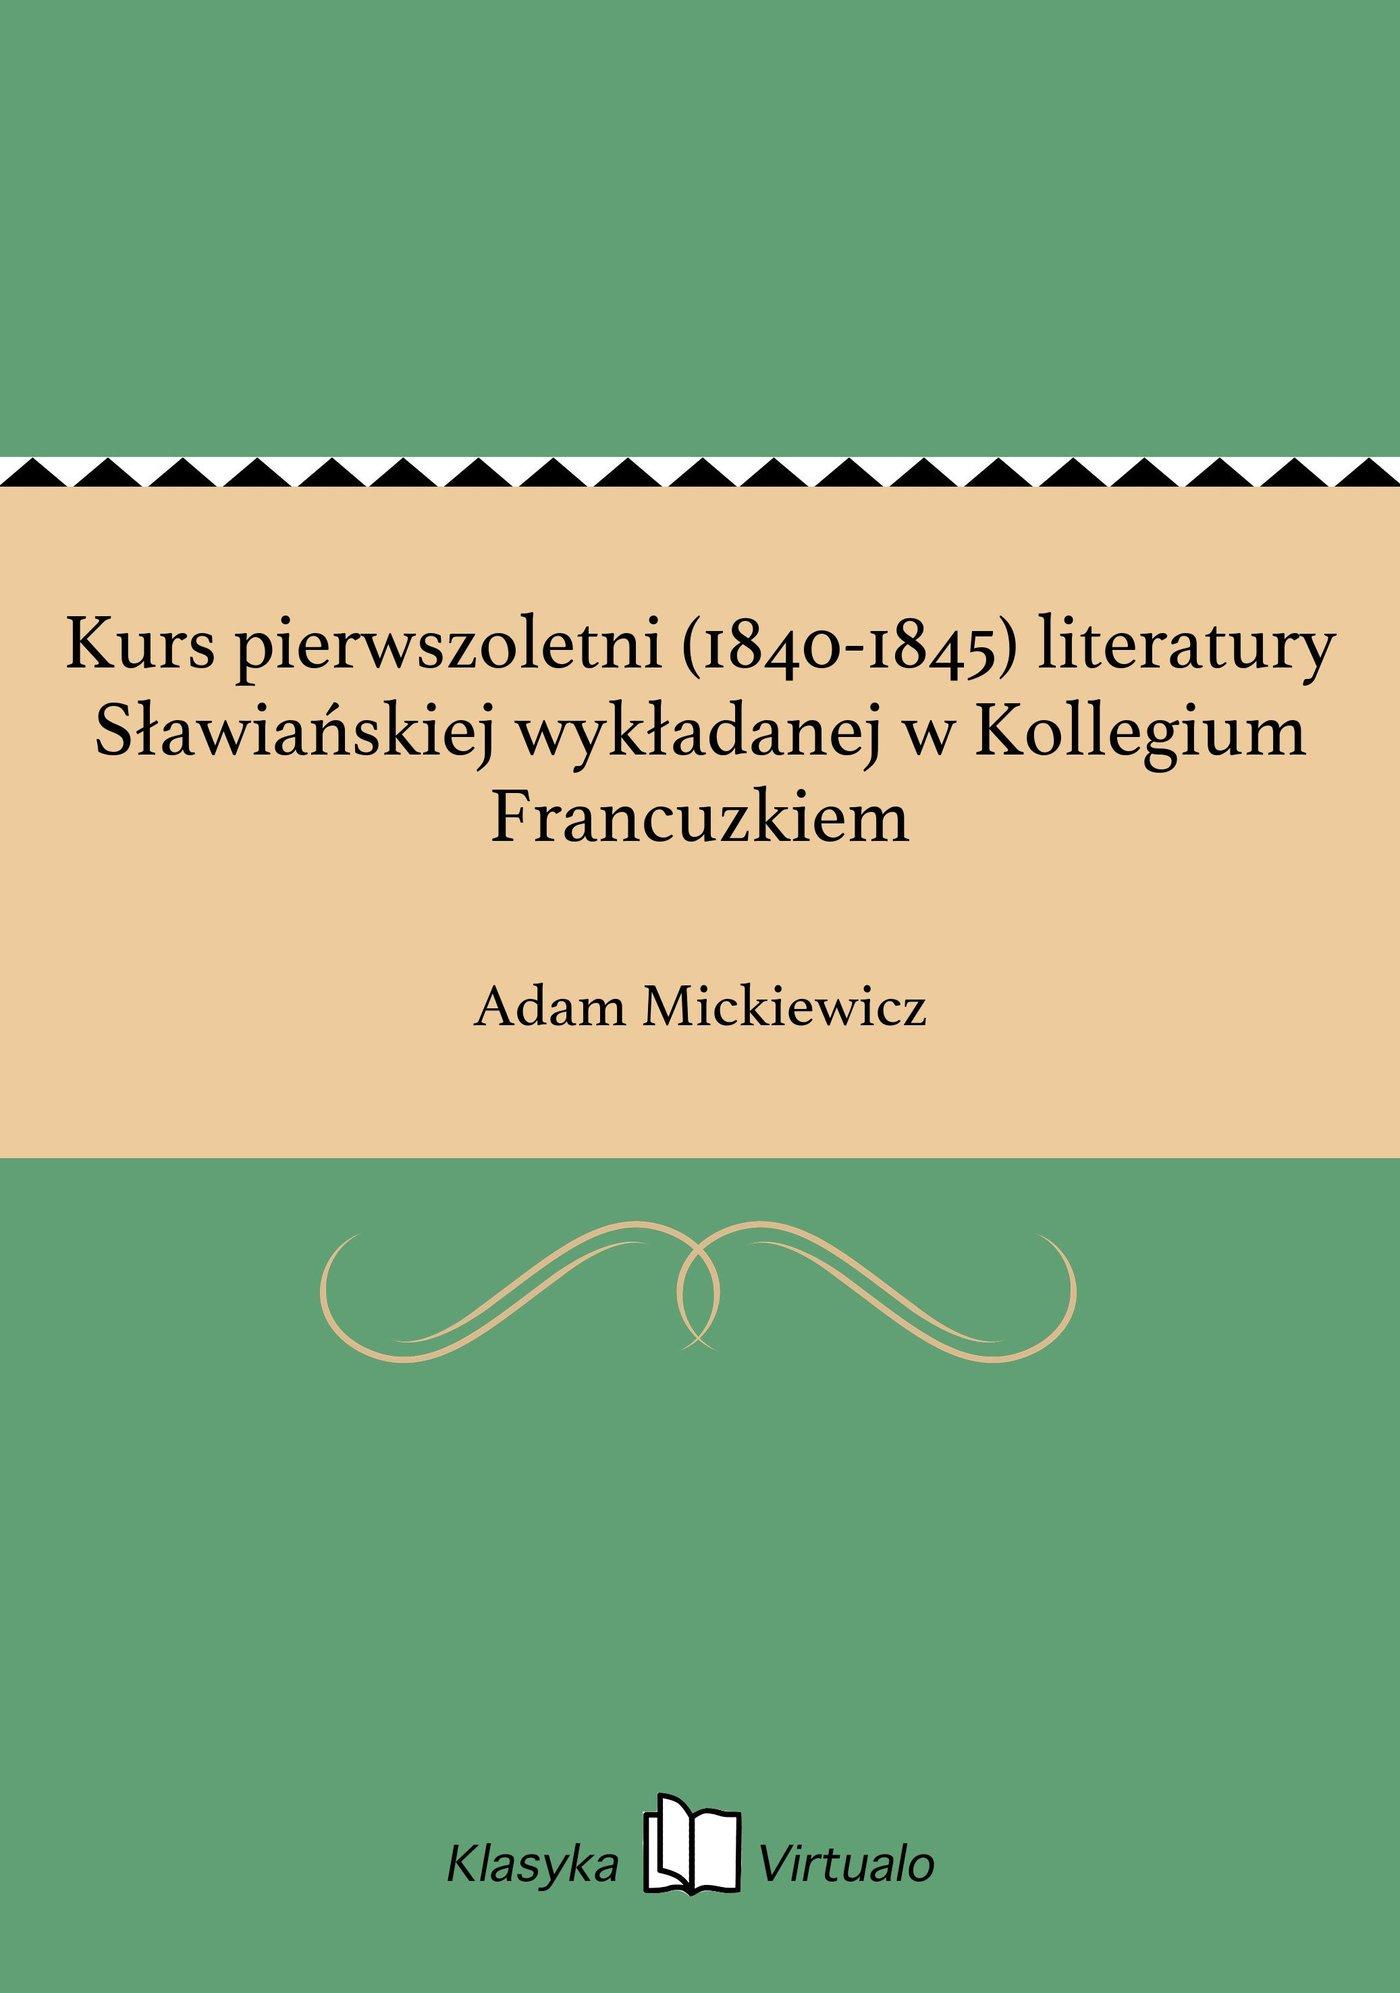 Kurs pierwszoletni (1840-1845) literatury Sławiańskiej wykładanej w Kollegium Francuzkiem - Ebook (Książka EPUB) do pobrania w formacie EPUB